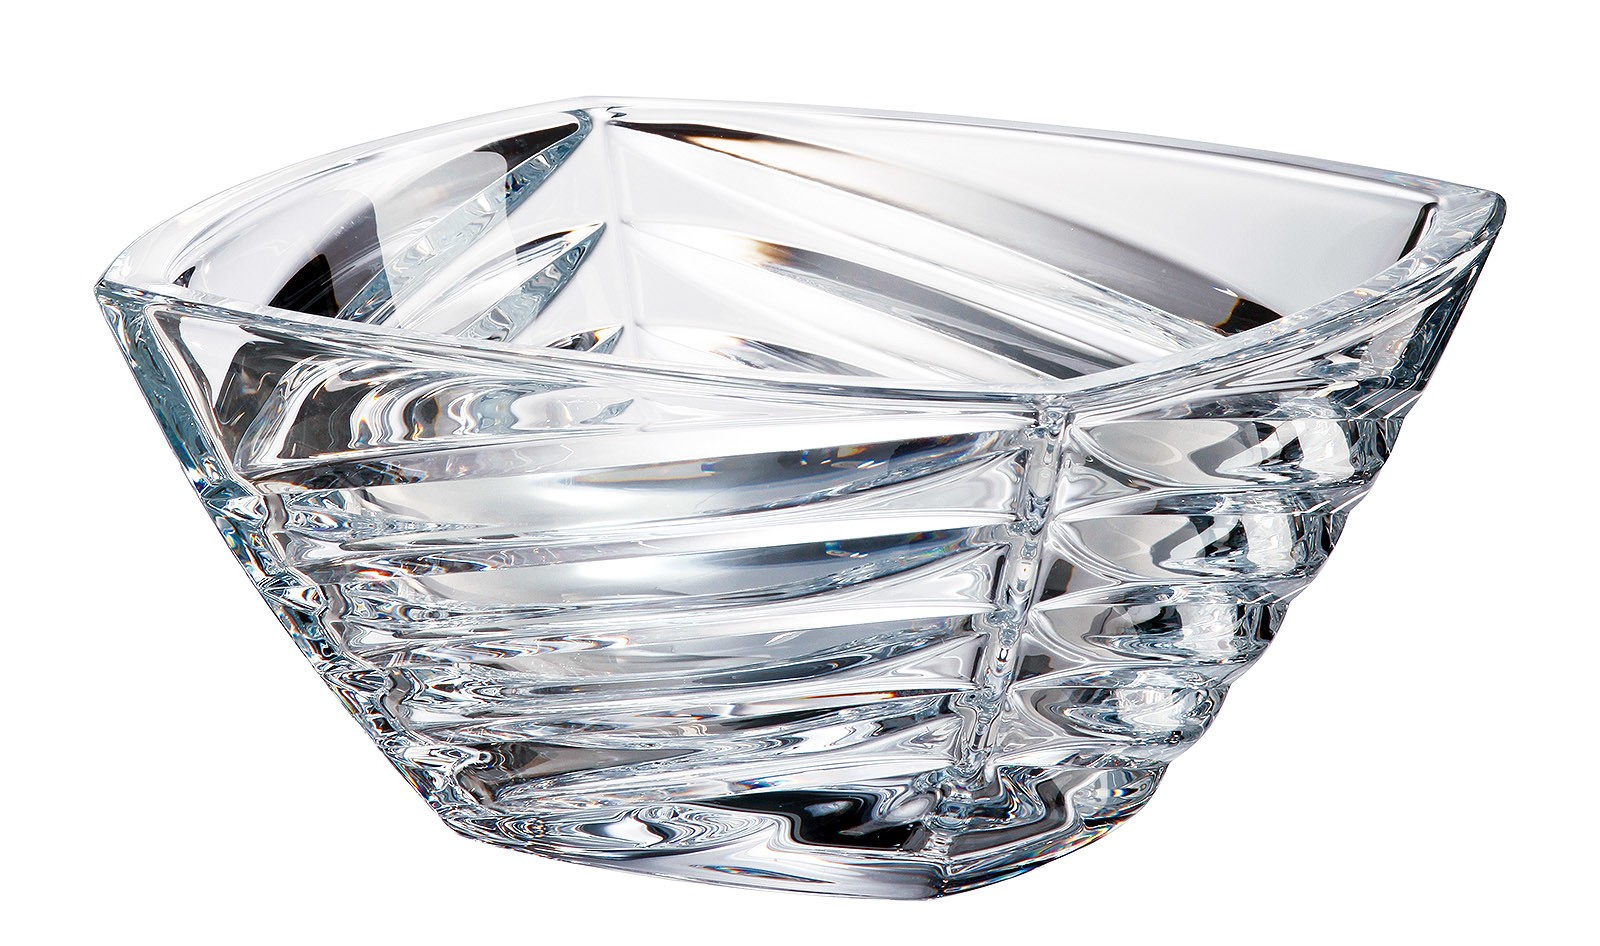 Κουπ Facet Bohemia Κρυστάλλινο 33cm home   κρυσταλλα  διακοσμηση   κρύσταλλα